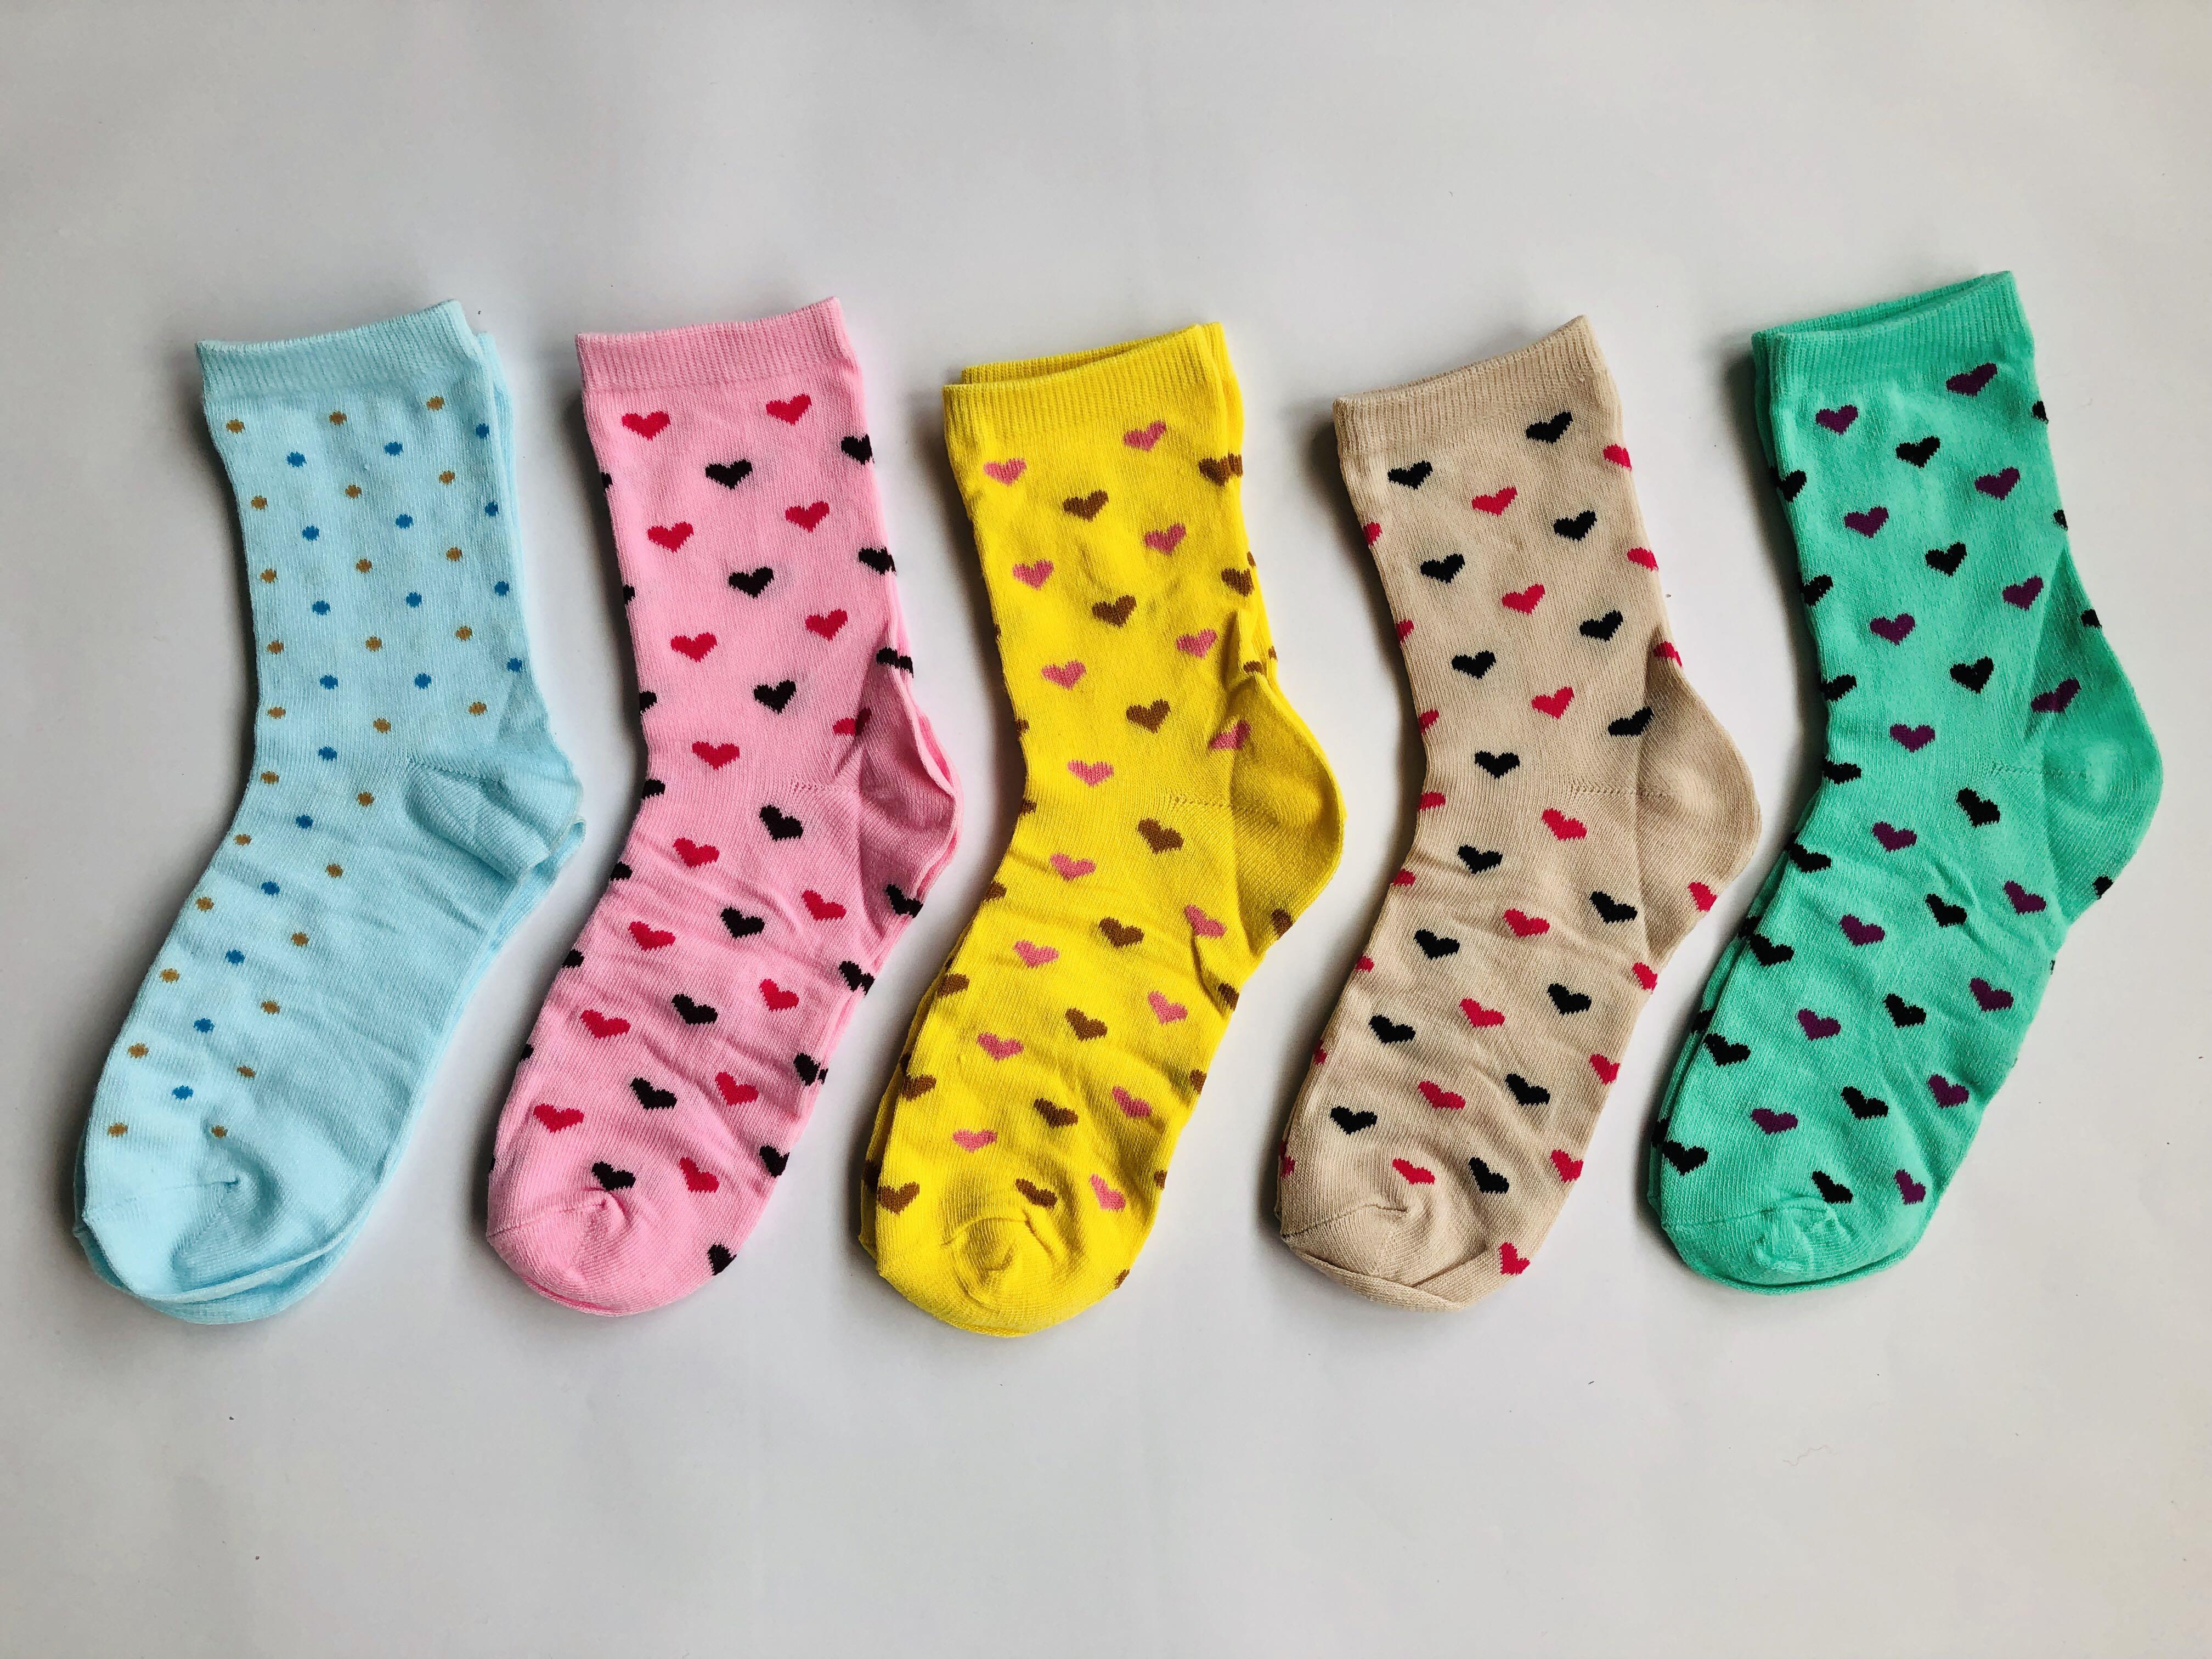 Heart Design Socks Combo